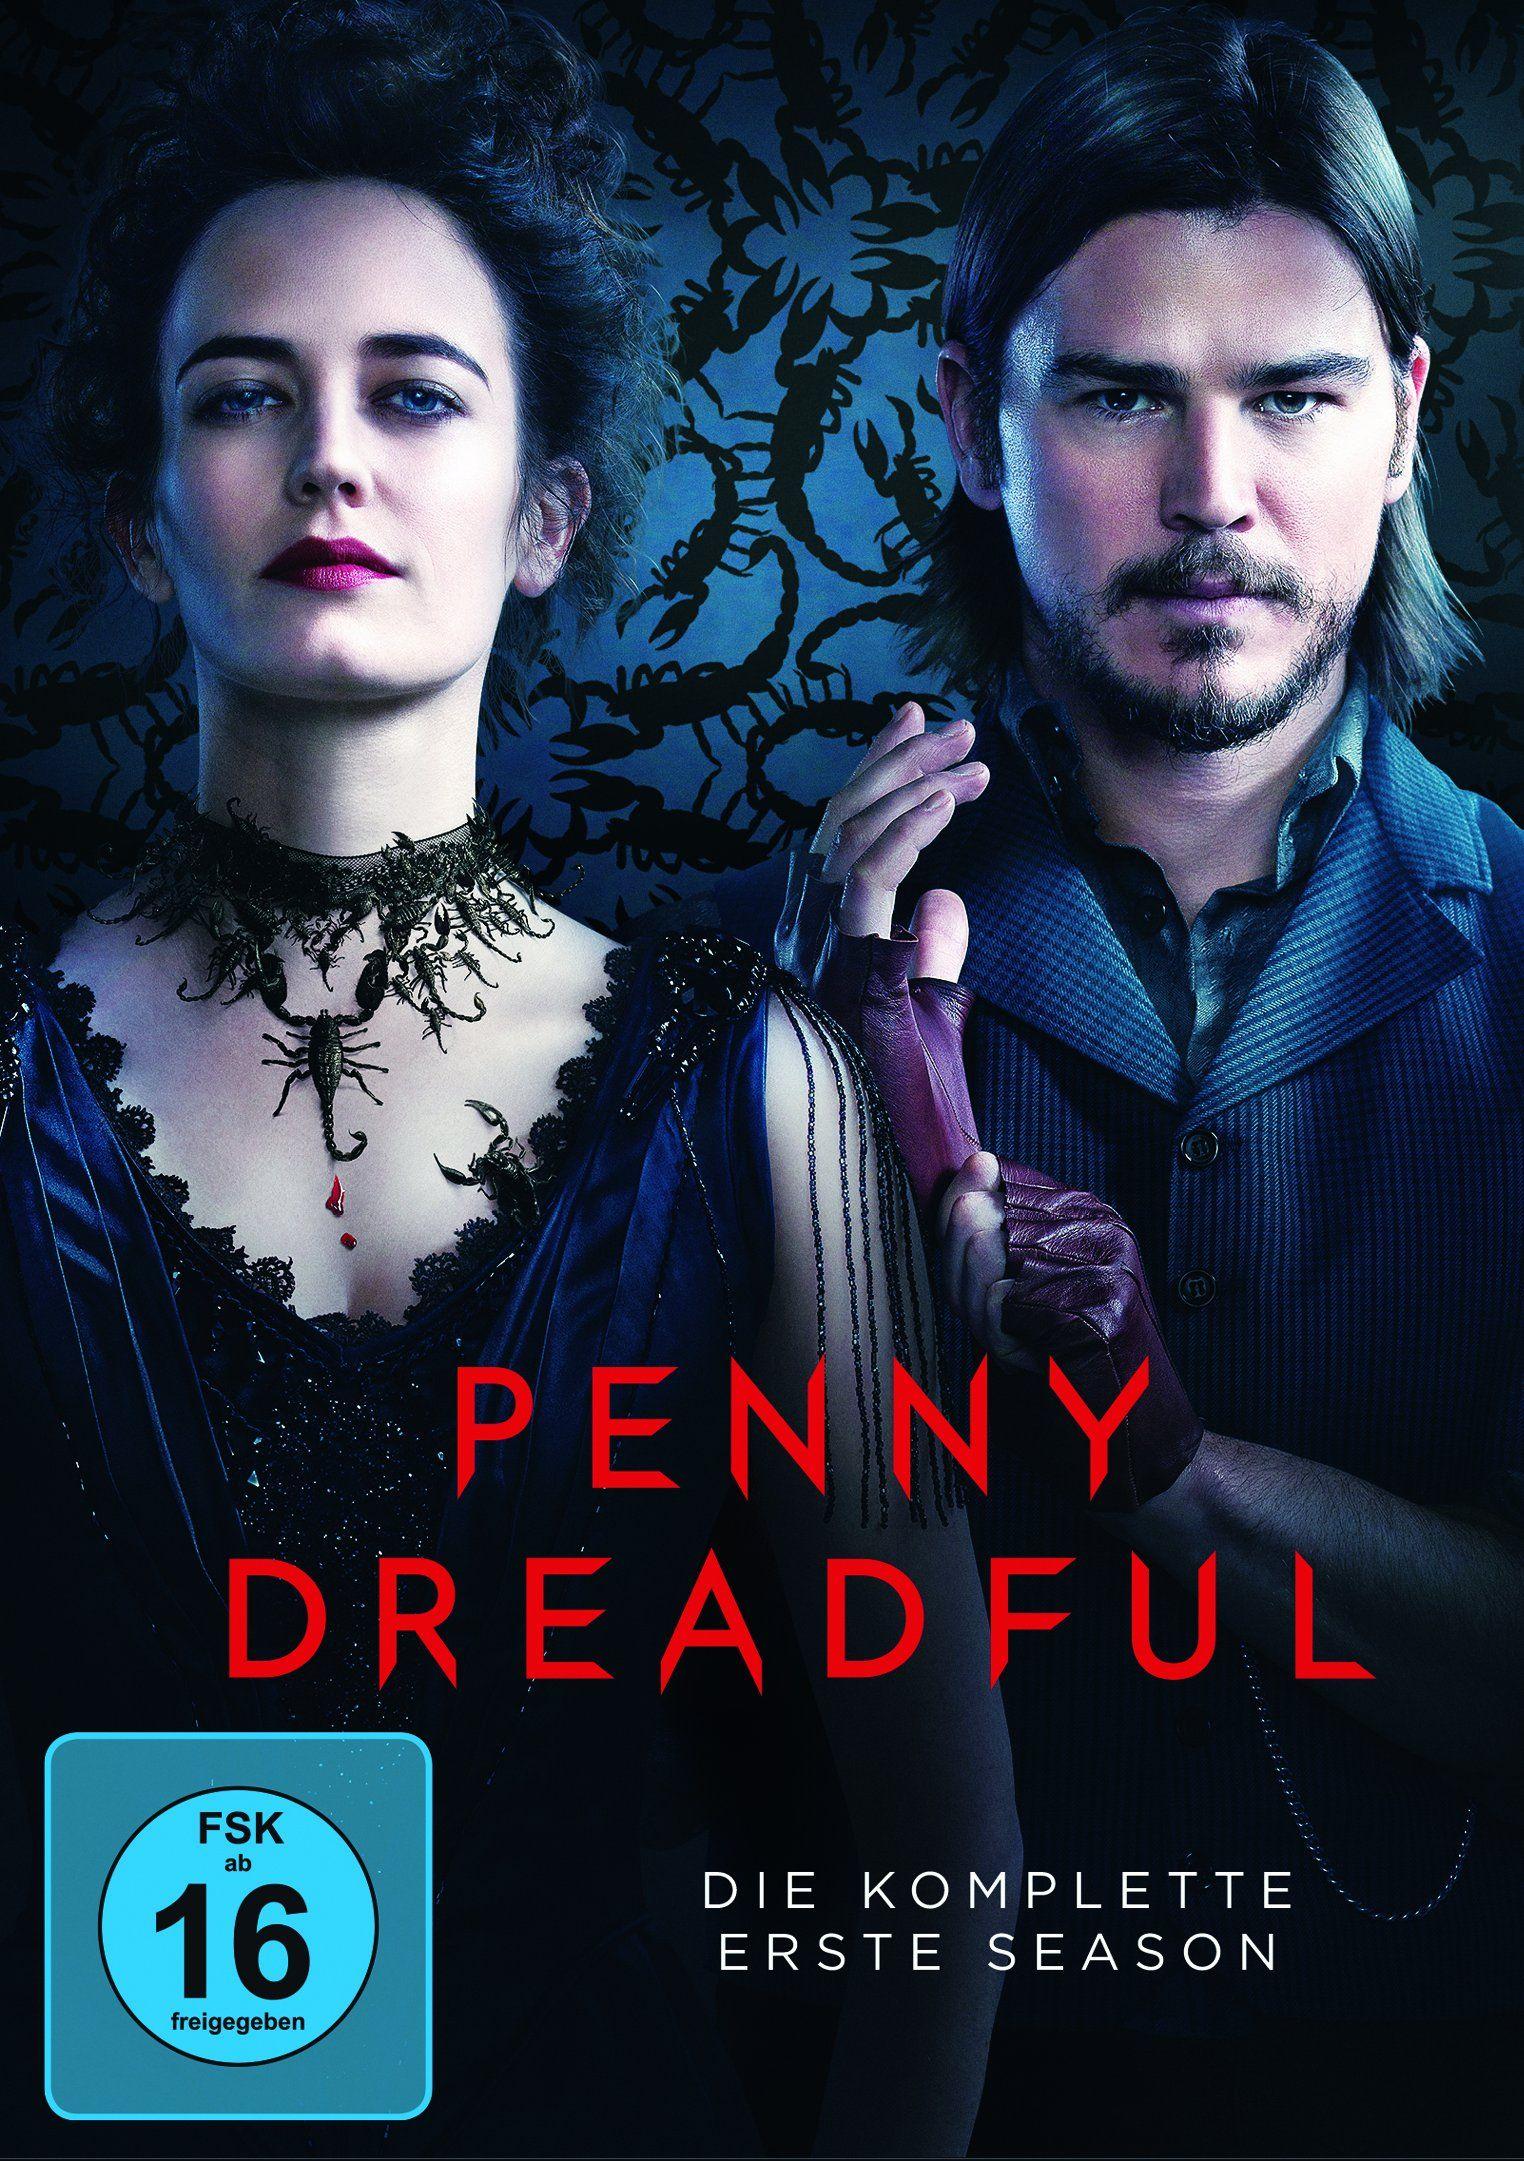 Penny Dreadful Die komplette erste Season [3 DVDs] 24,99